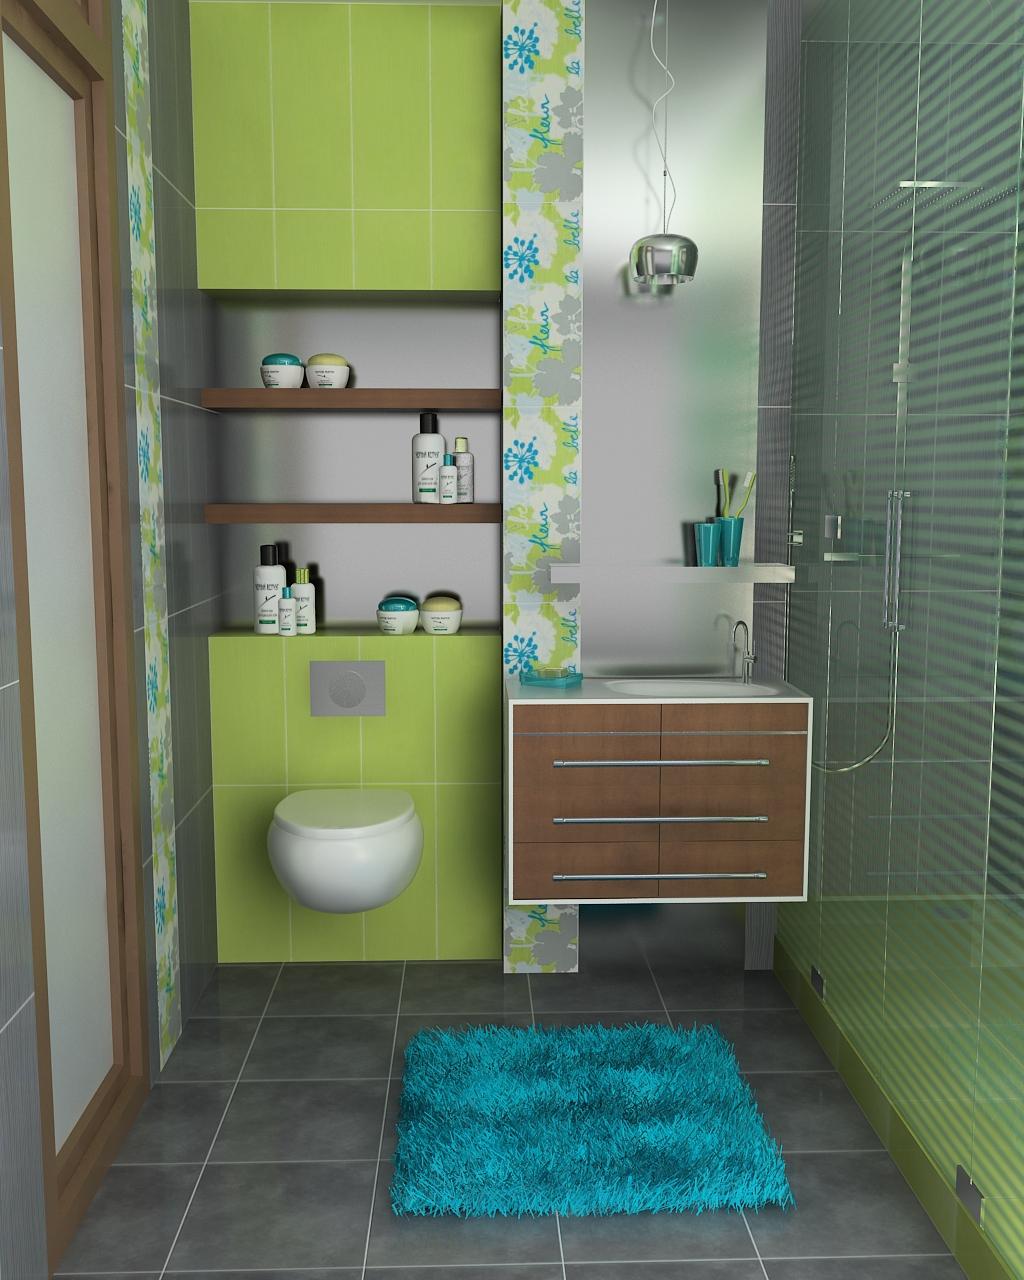 Soluzioni arredamento bagno piccolo for Piastrelle bagno piccolo